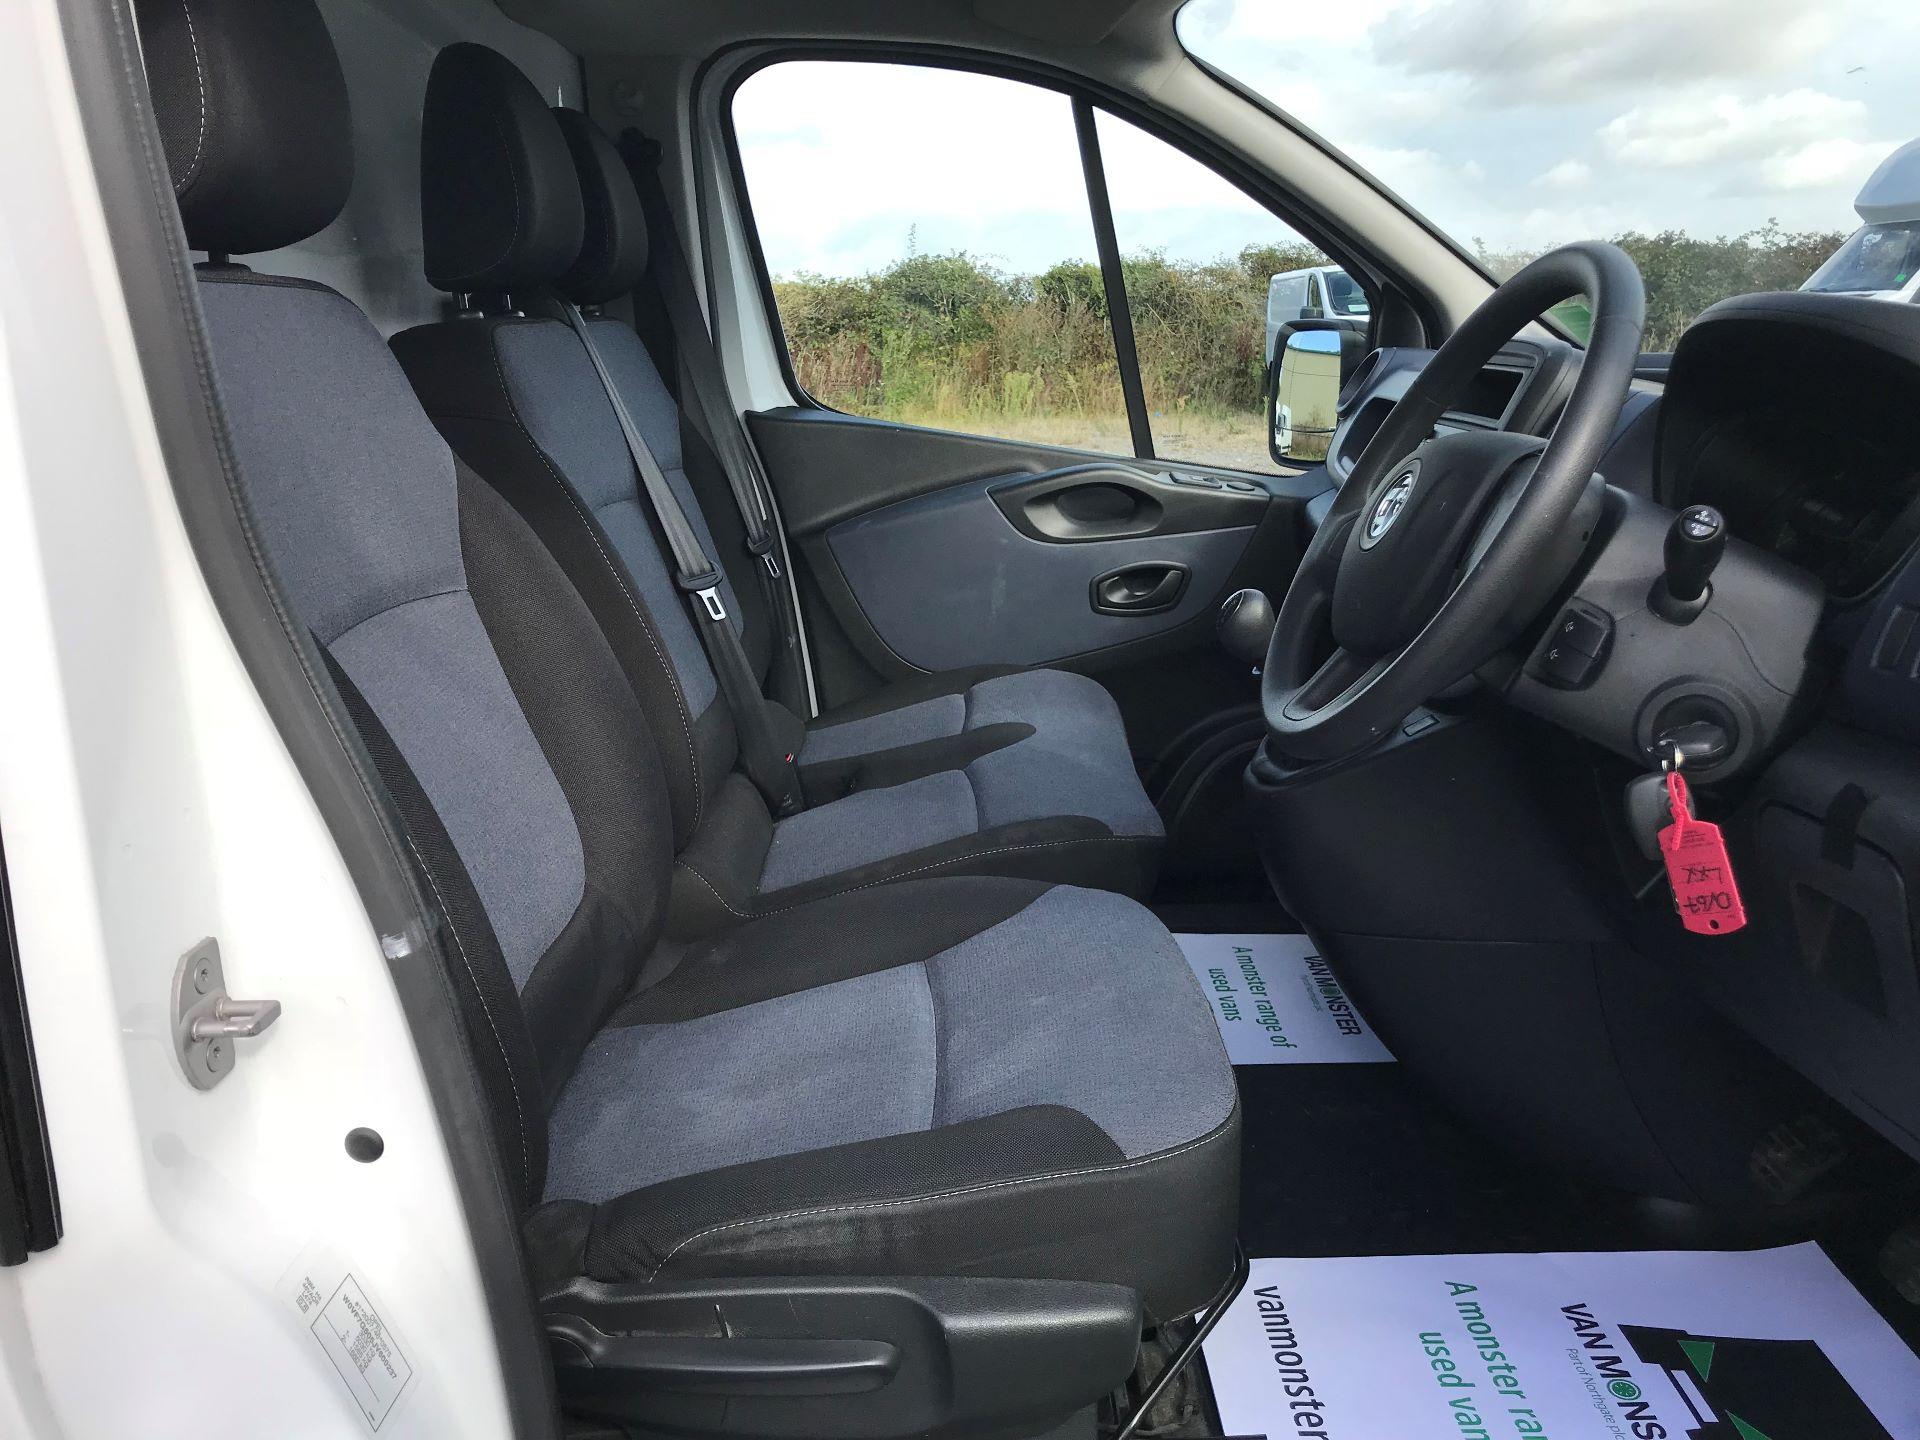 2017 Vauxhall Vivaro L2 H1 2900 1.6CDTI 120PS EURO 6 (DV67LXX) Image 16